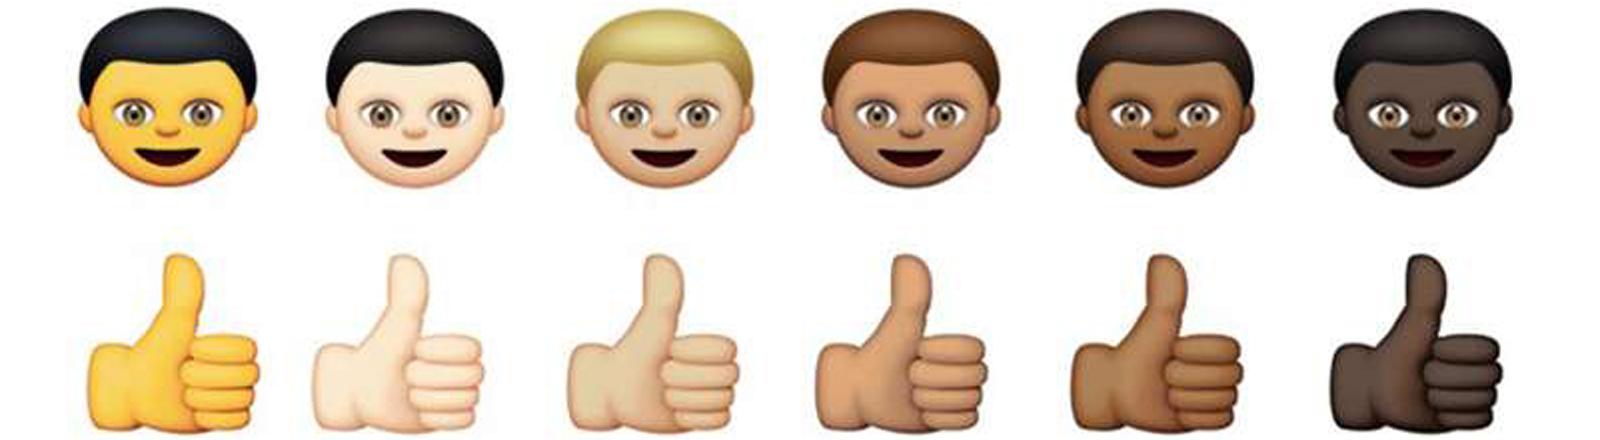 Entwurf für neue Multi-Kulti-Emoticons von Apple